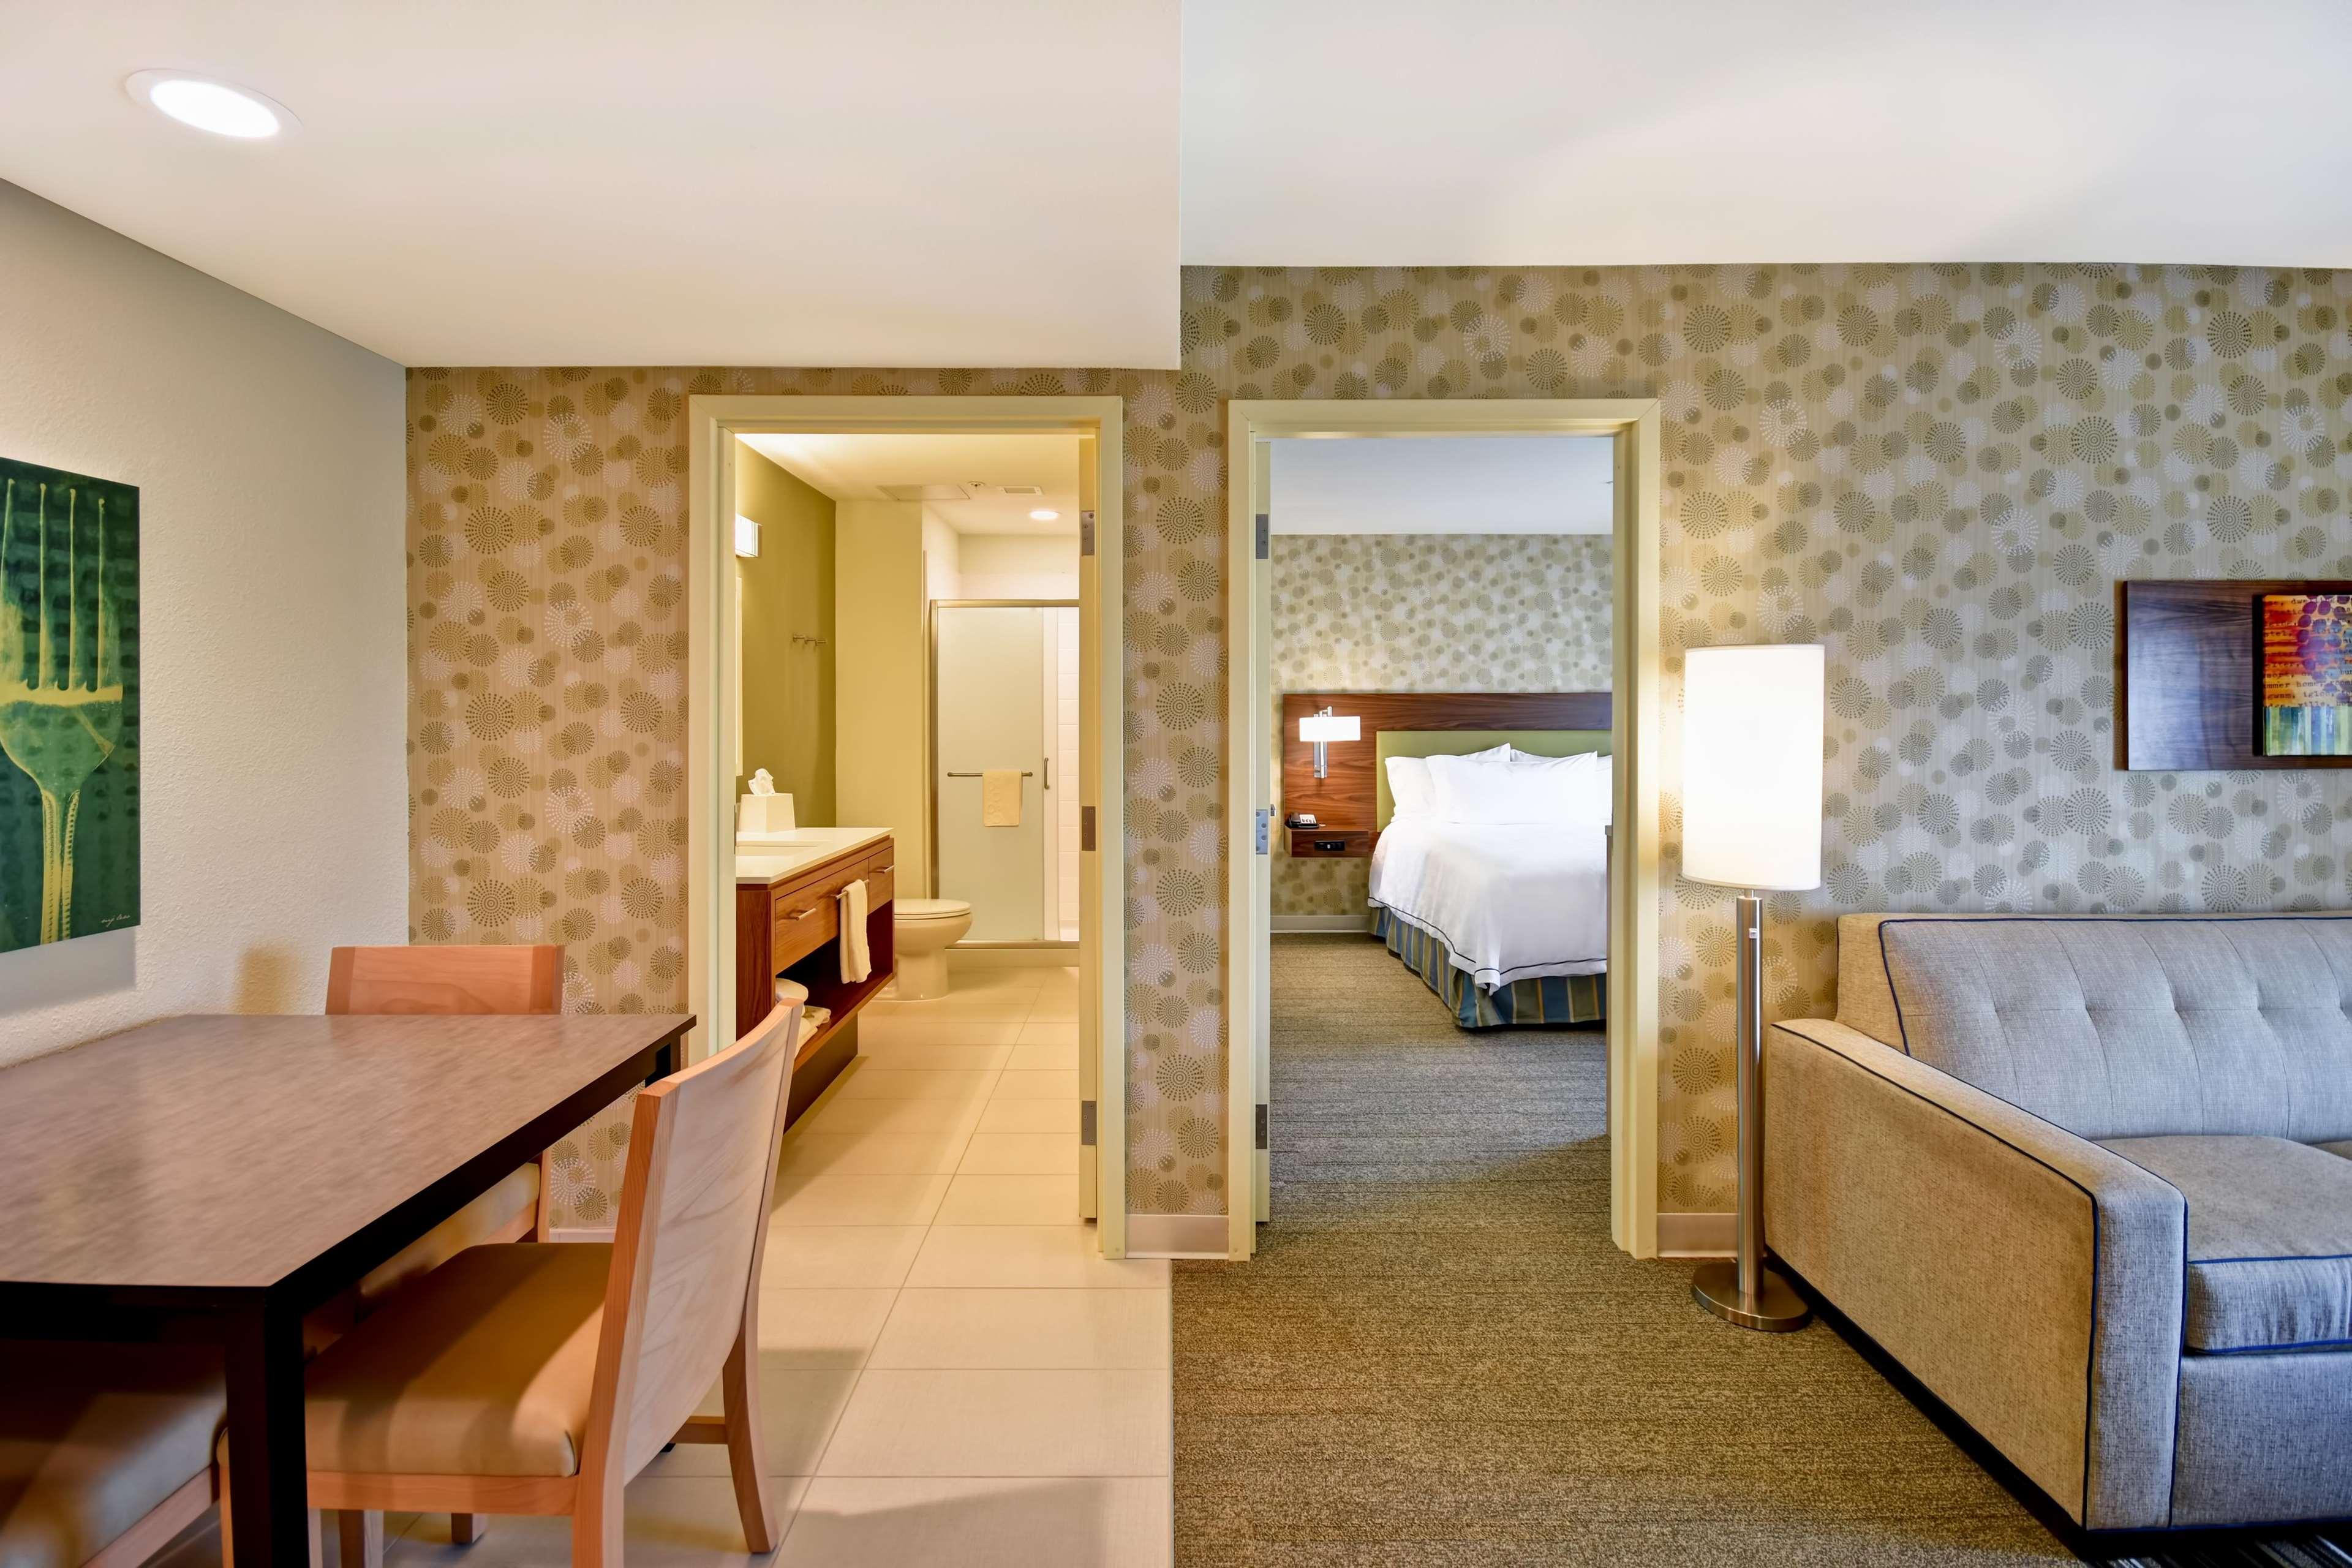 Home2 Suites by Hilton Smyrna Nashville image 31